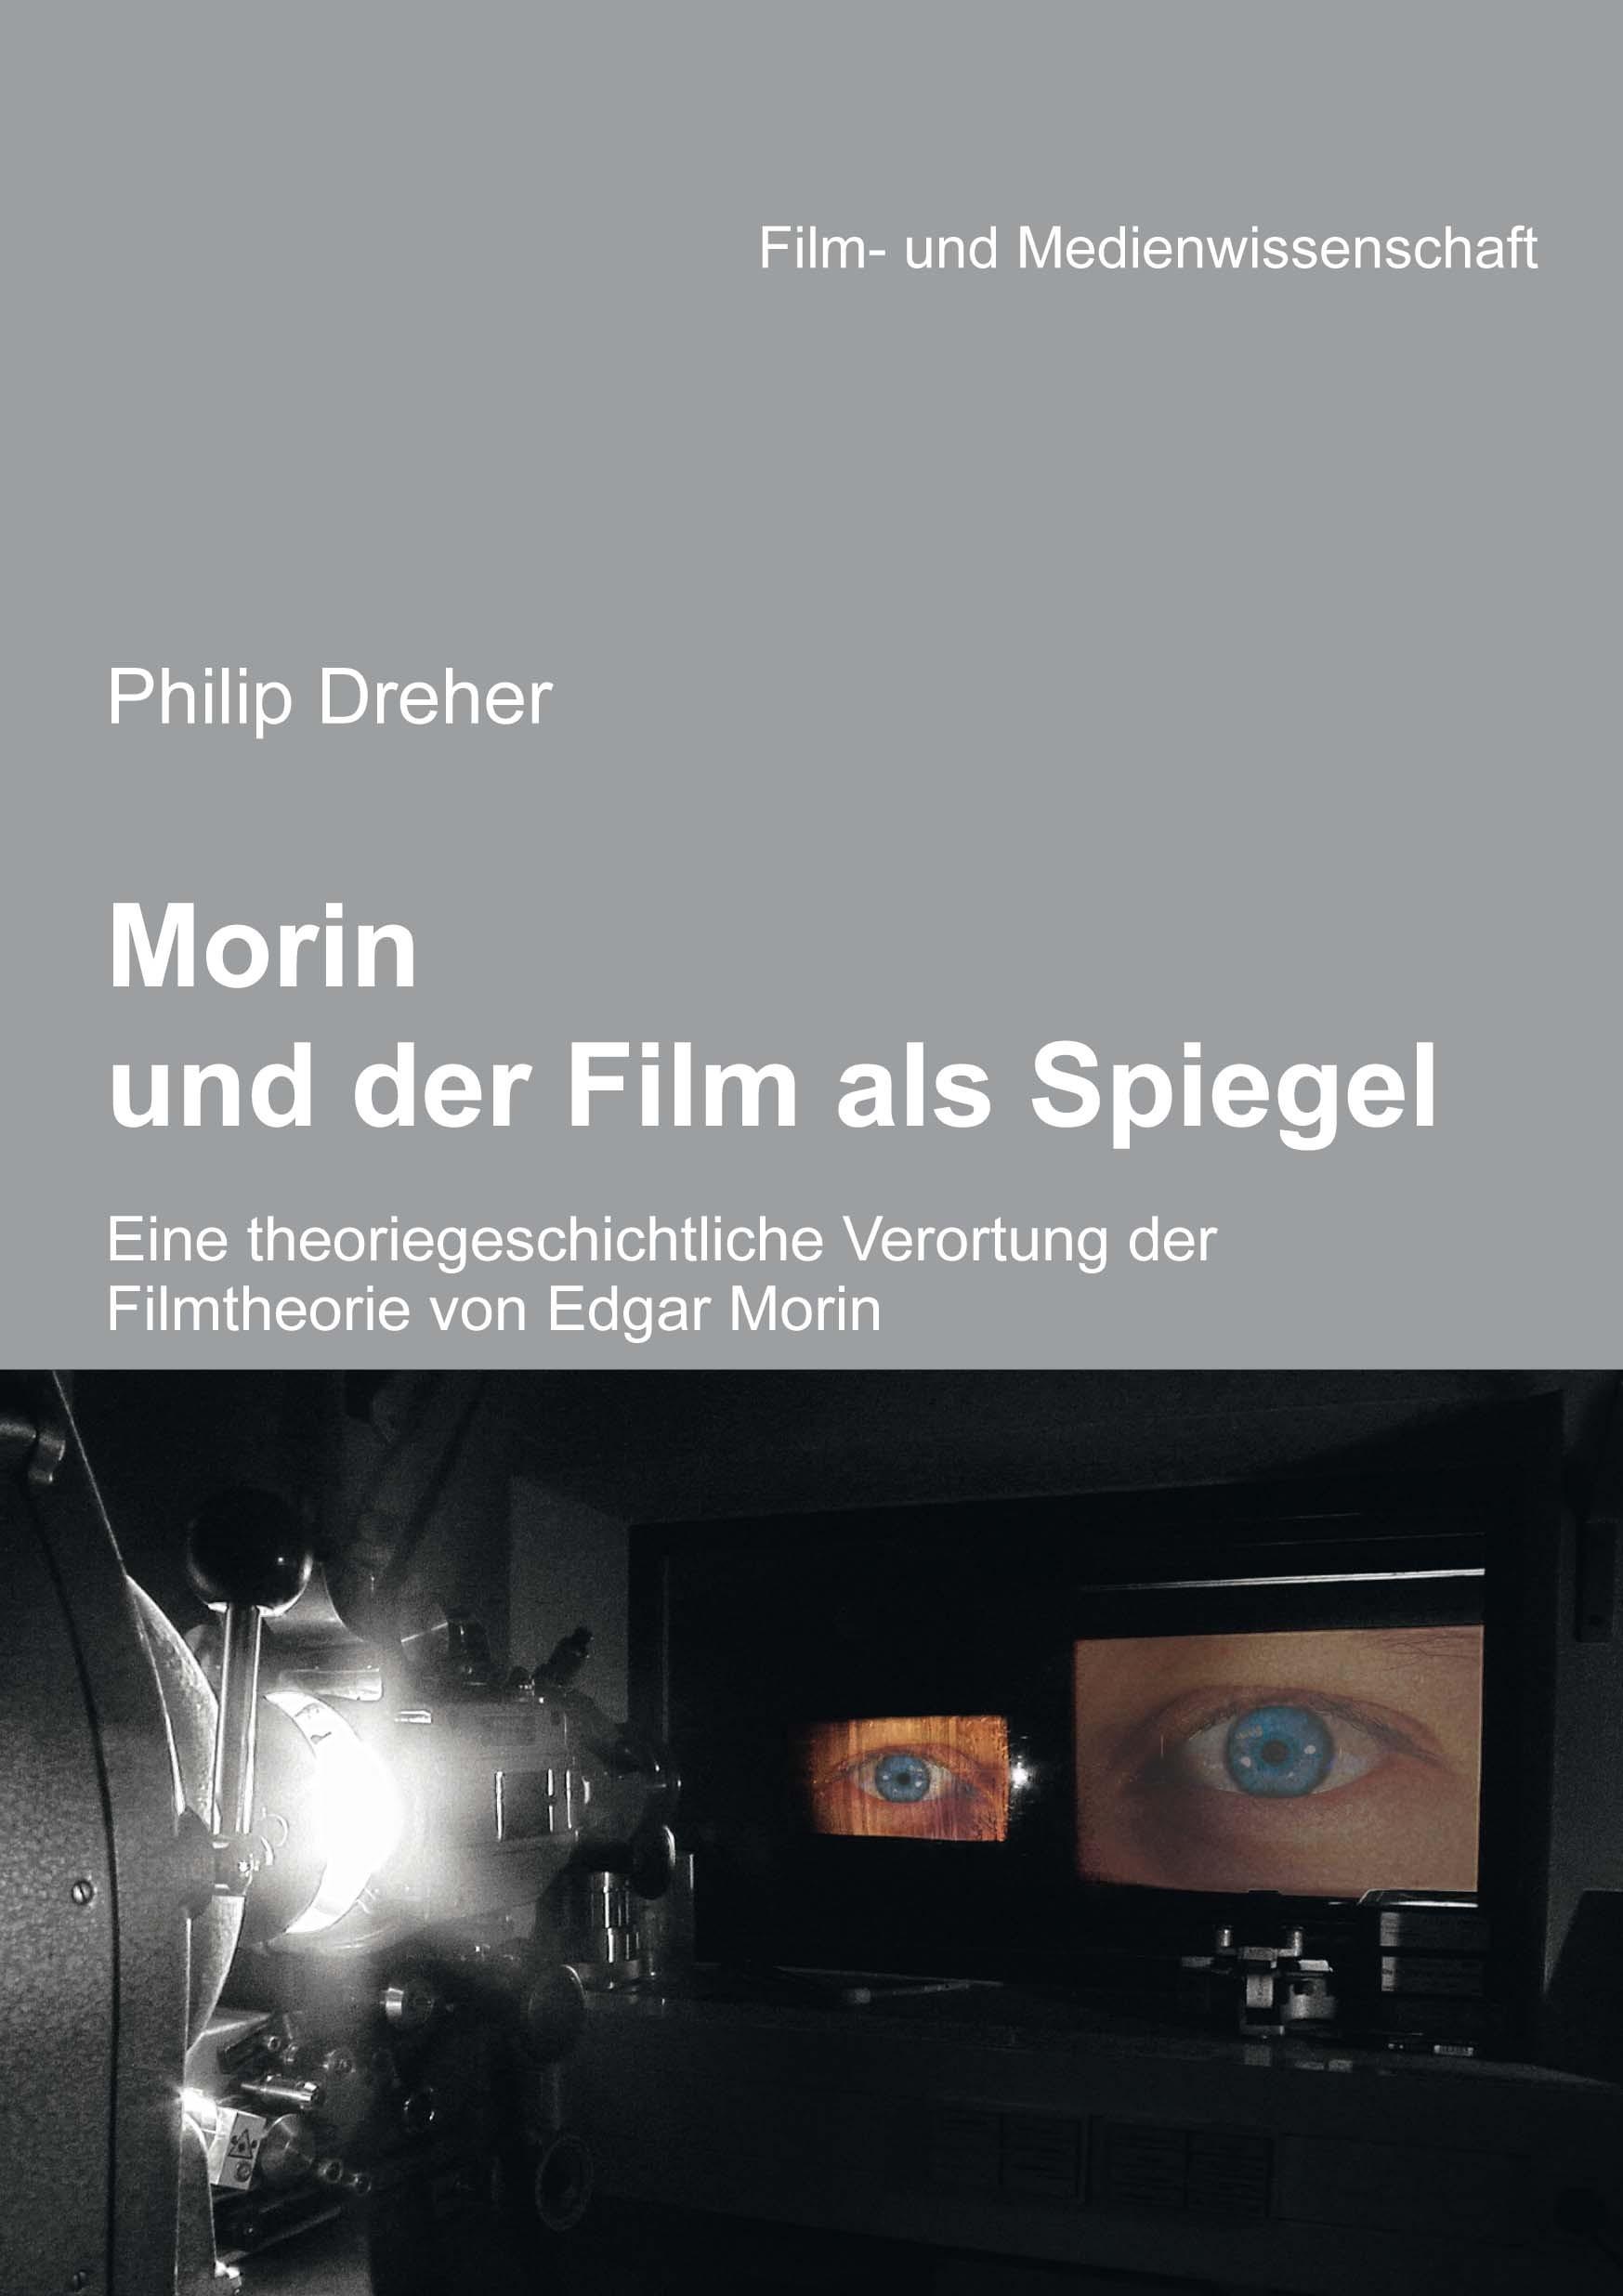 Morin und der Film als Spiegel